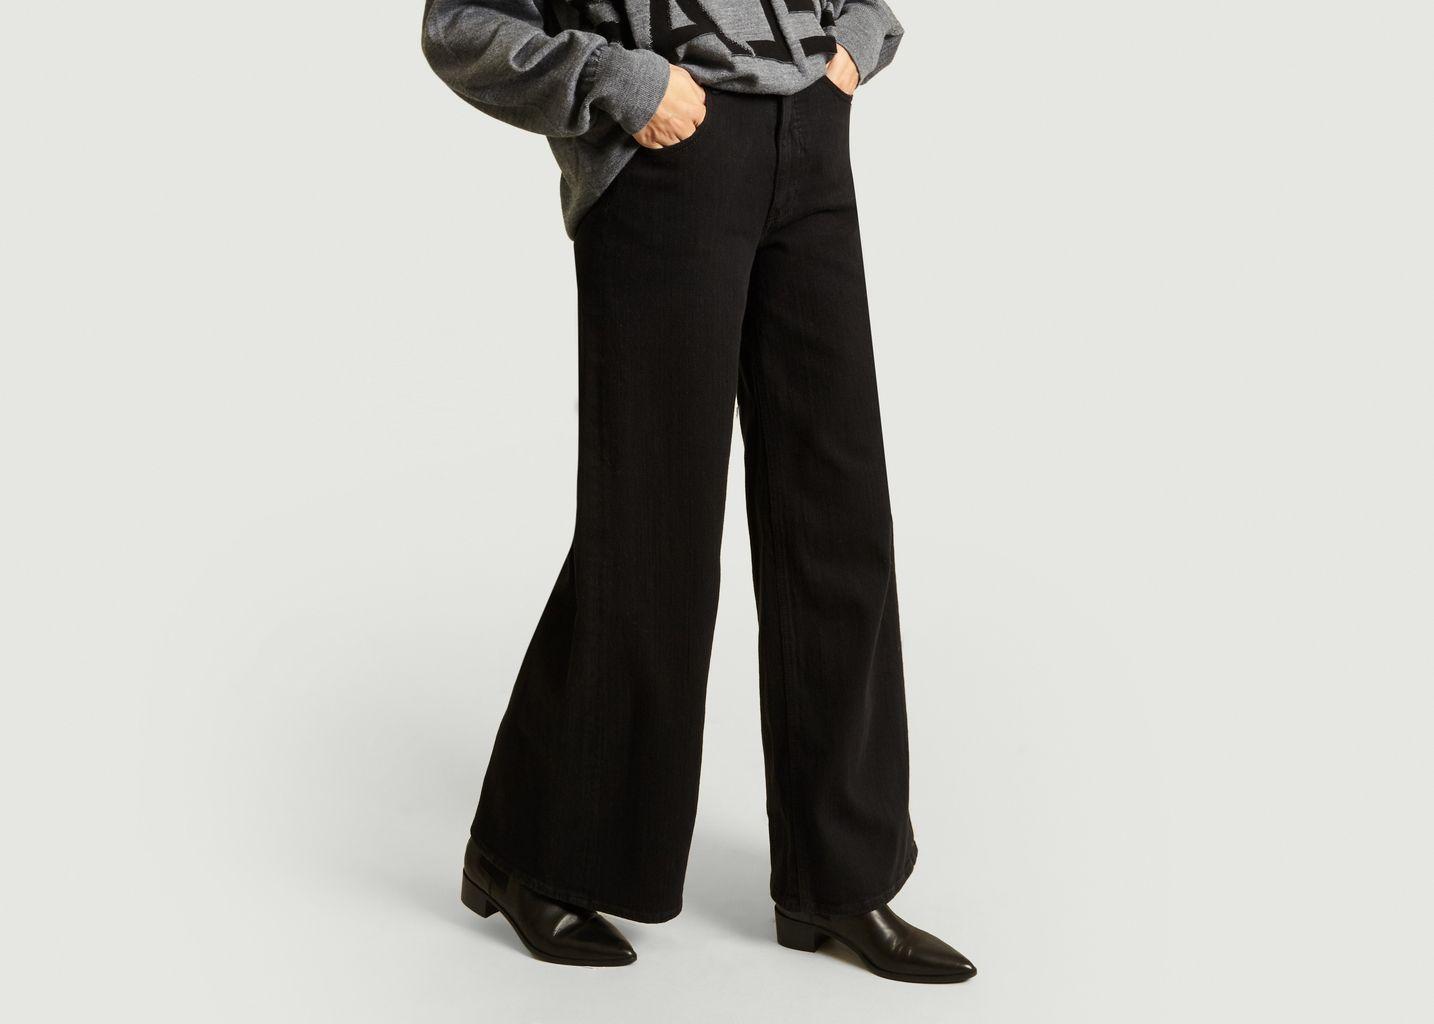 Pantalon Denim Large - MM6 Maison Margiela